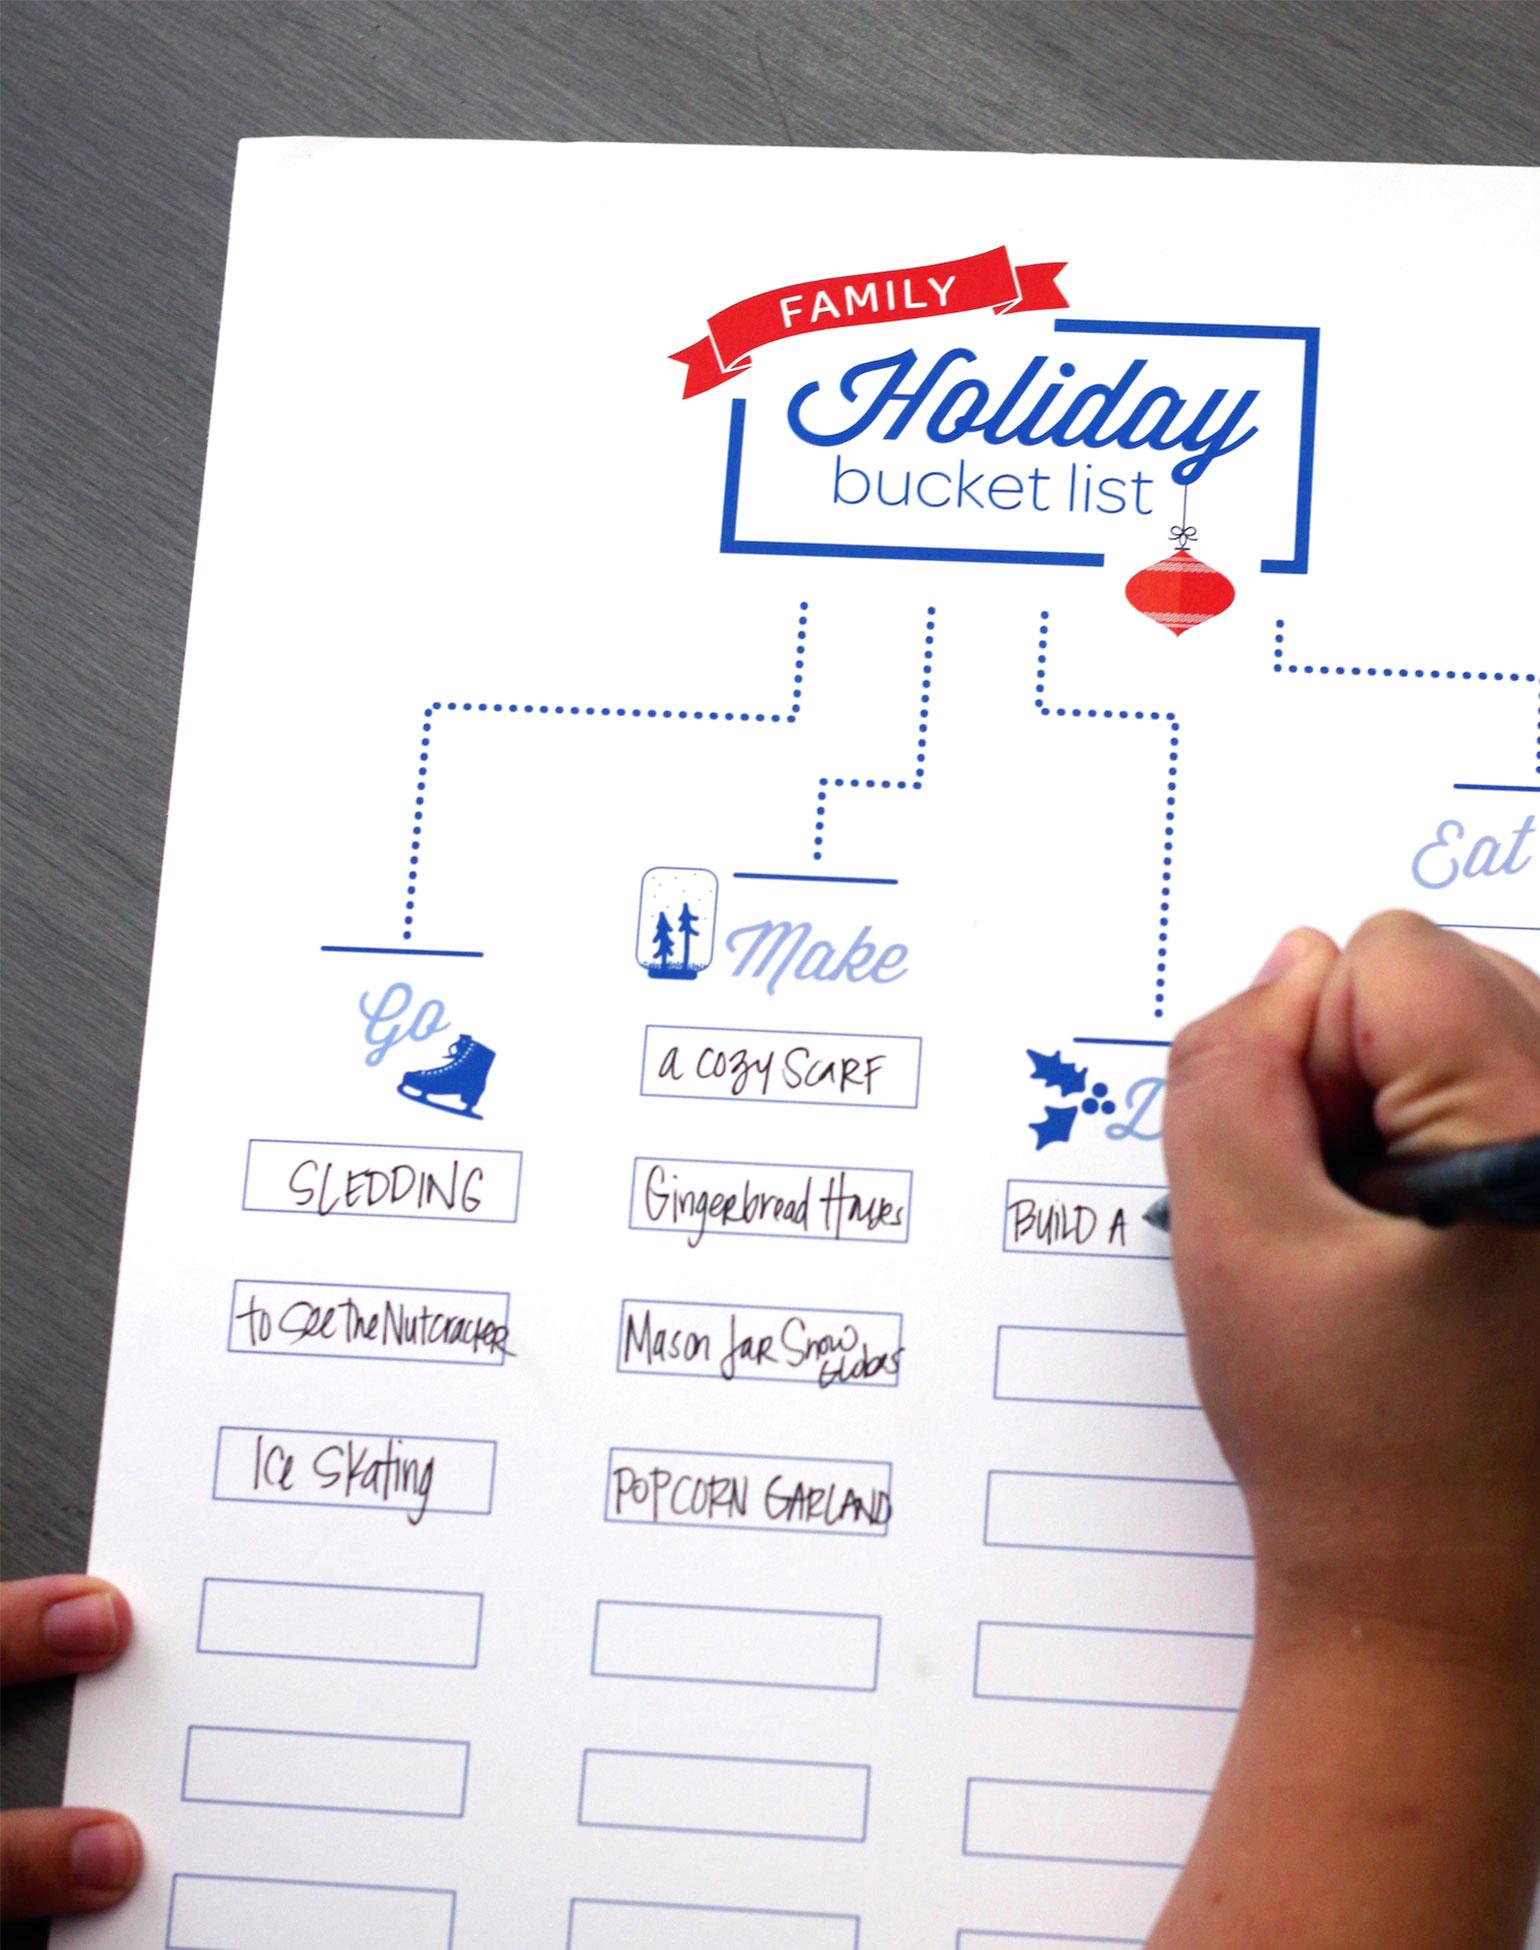 Liste-du-cœur-familiale-sur-le-thème-des-Fêtes-de-fin-d-année-marque-Ziploc